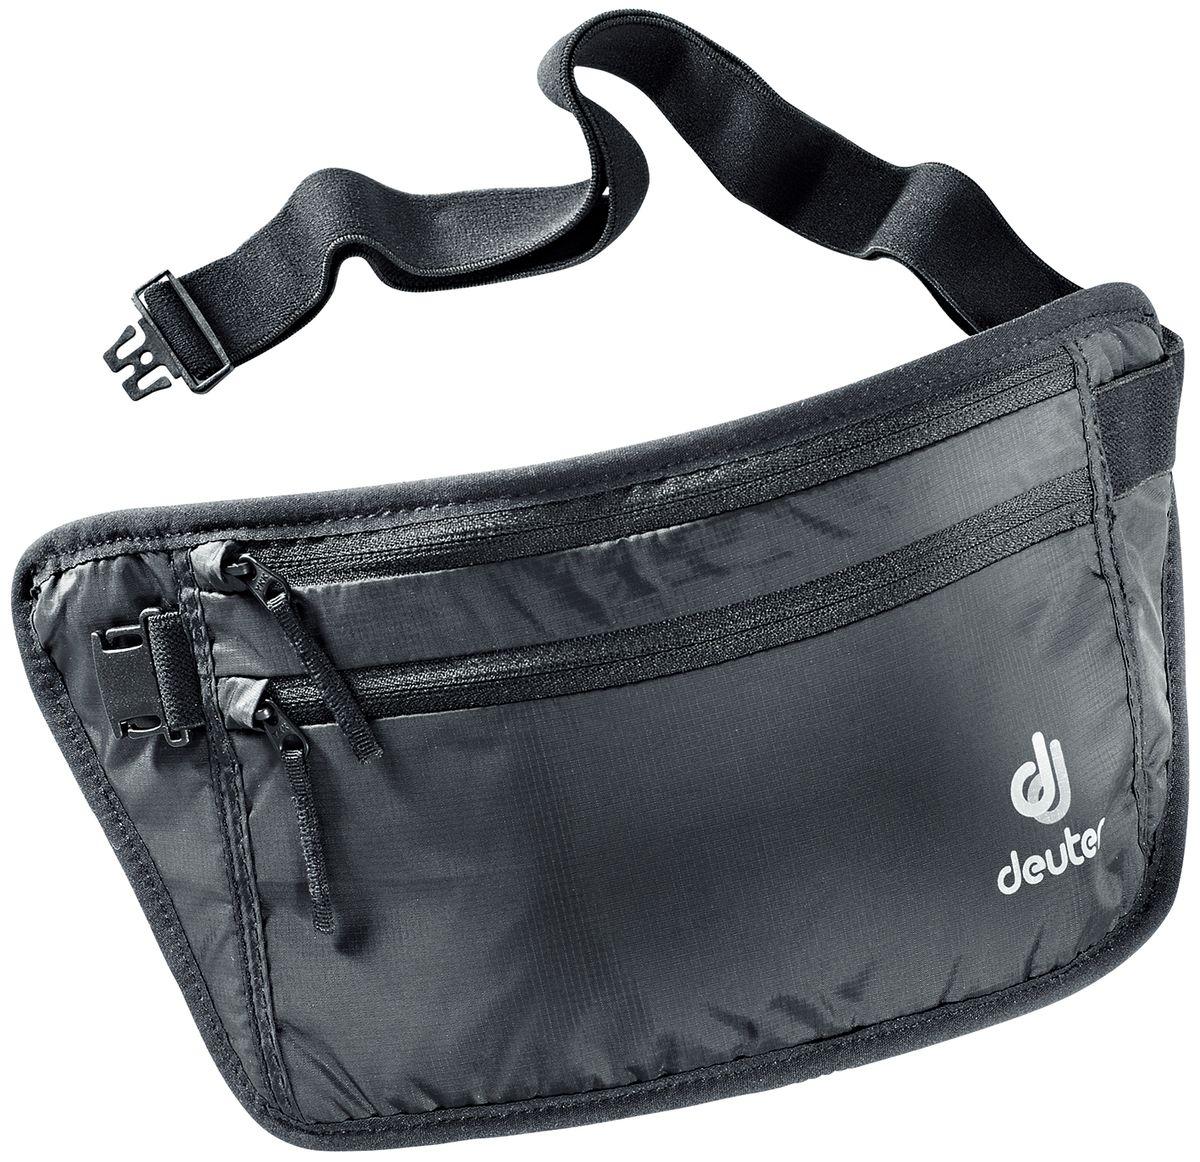 Кошелек Deuter Security Money Belt I, цвет: черный, 25 см x 12 см кошелек deuter security wallet ii цвет бежевый